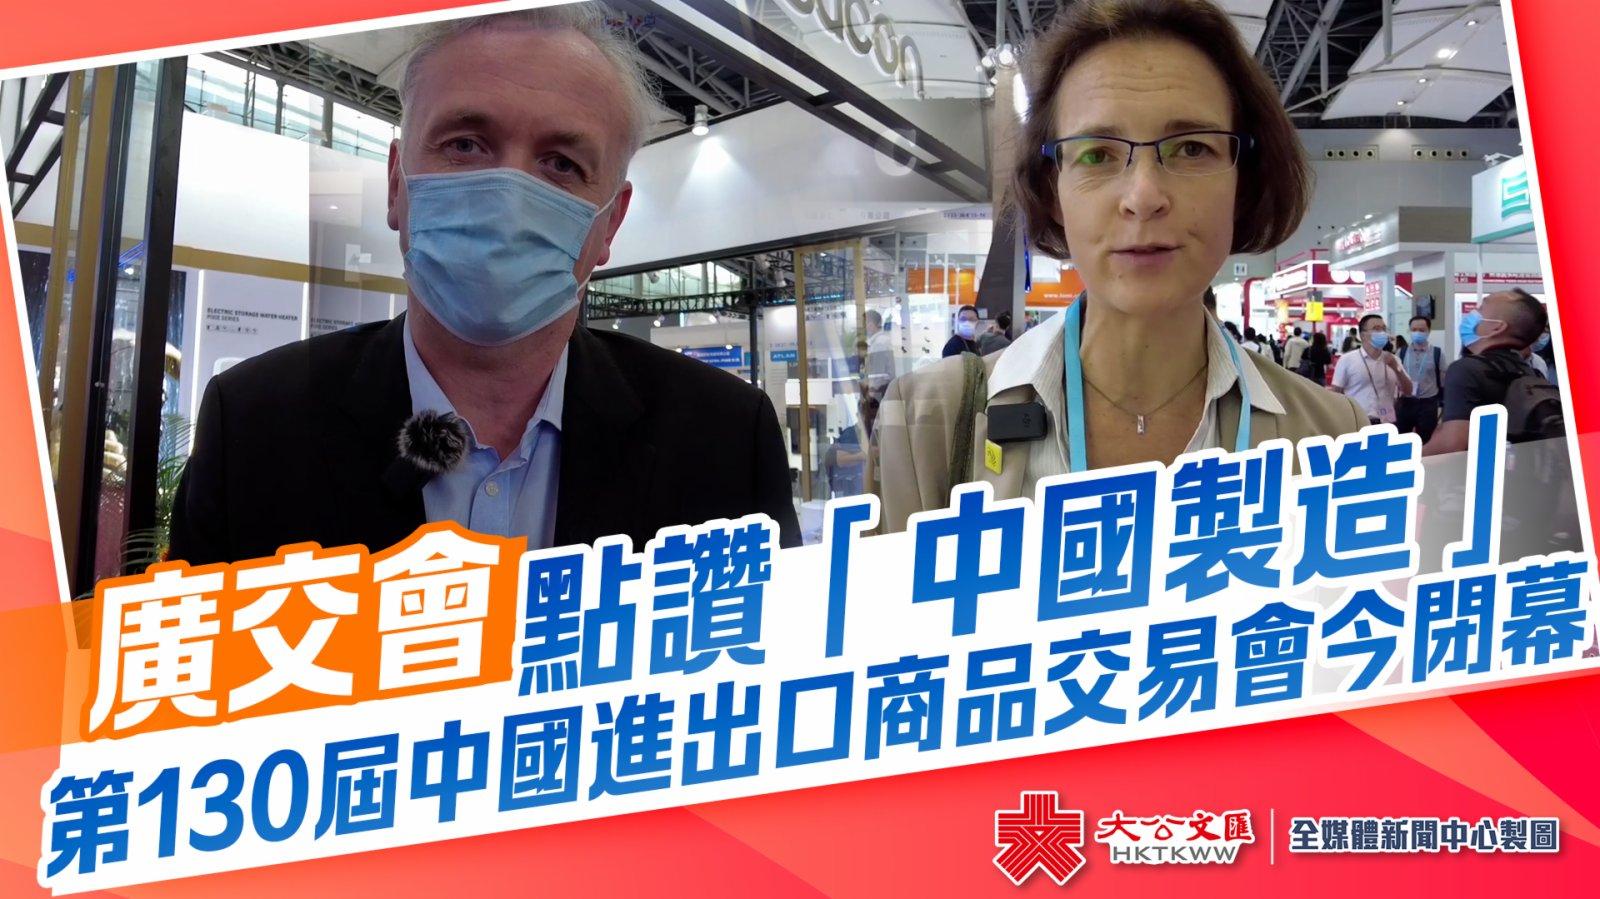 廣交會 | 點讚「中國製造」! 第130屆中國進出口商品交易會今閉幕